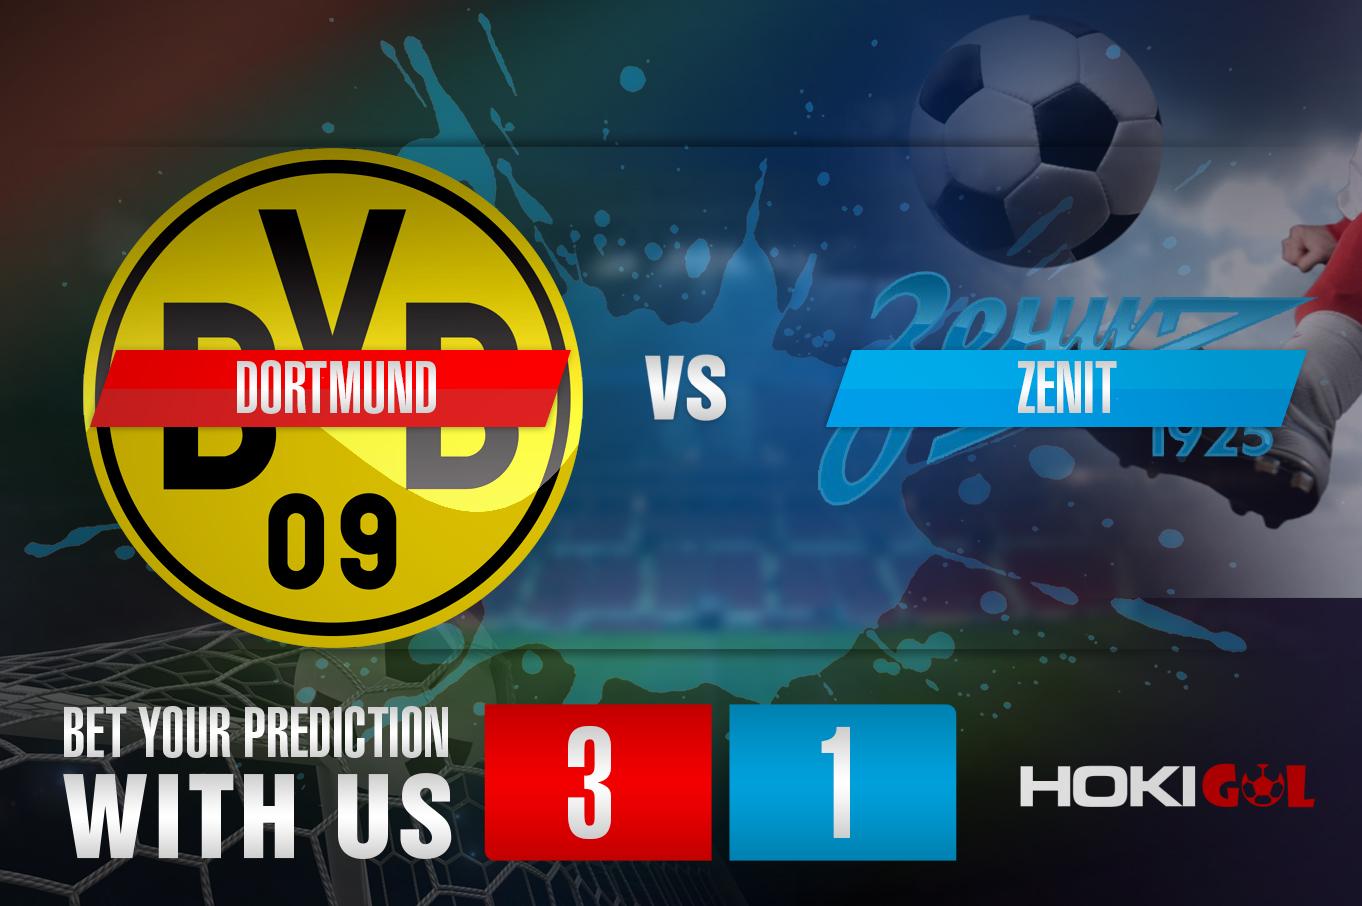 Prediksi Dortmund Vs Zenit 29 Oktober 2020